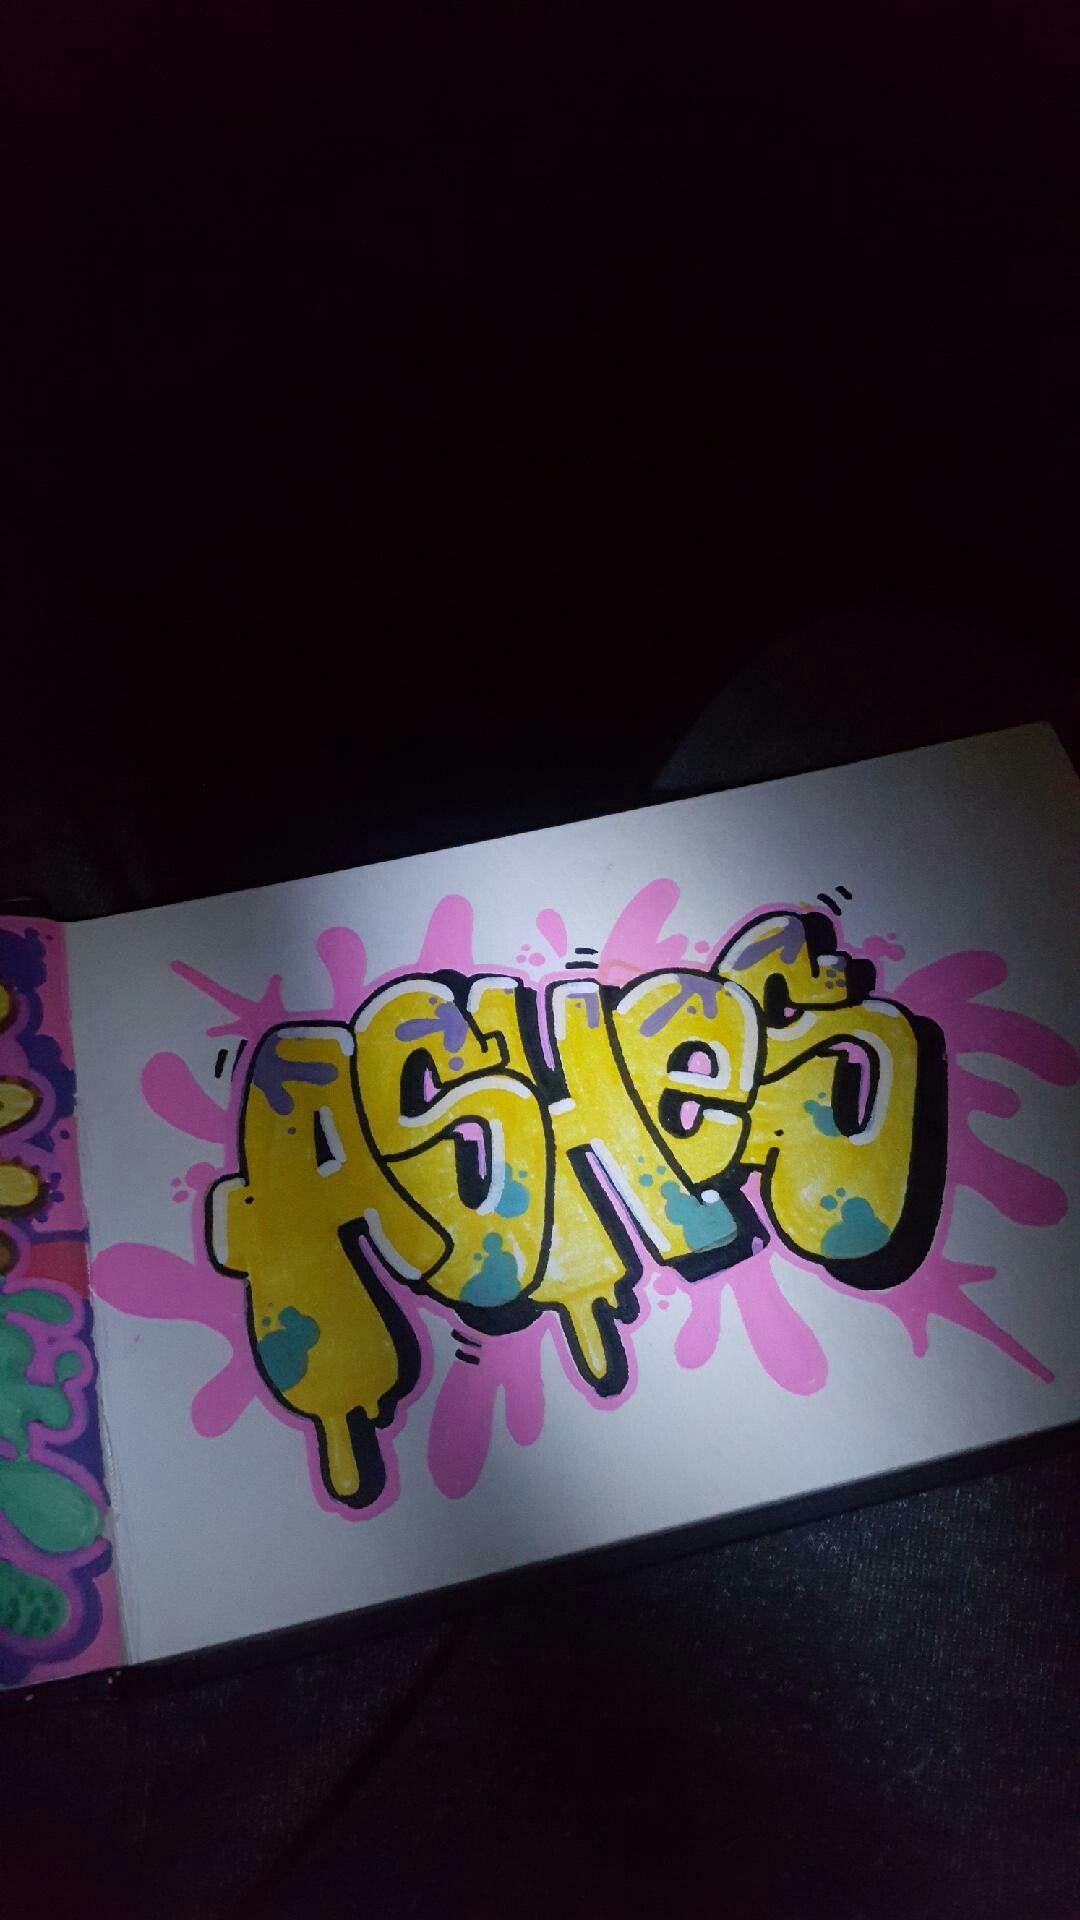 Pin By Ashes On Blakboox Pinterest Graffiti Graffiti Art And